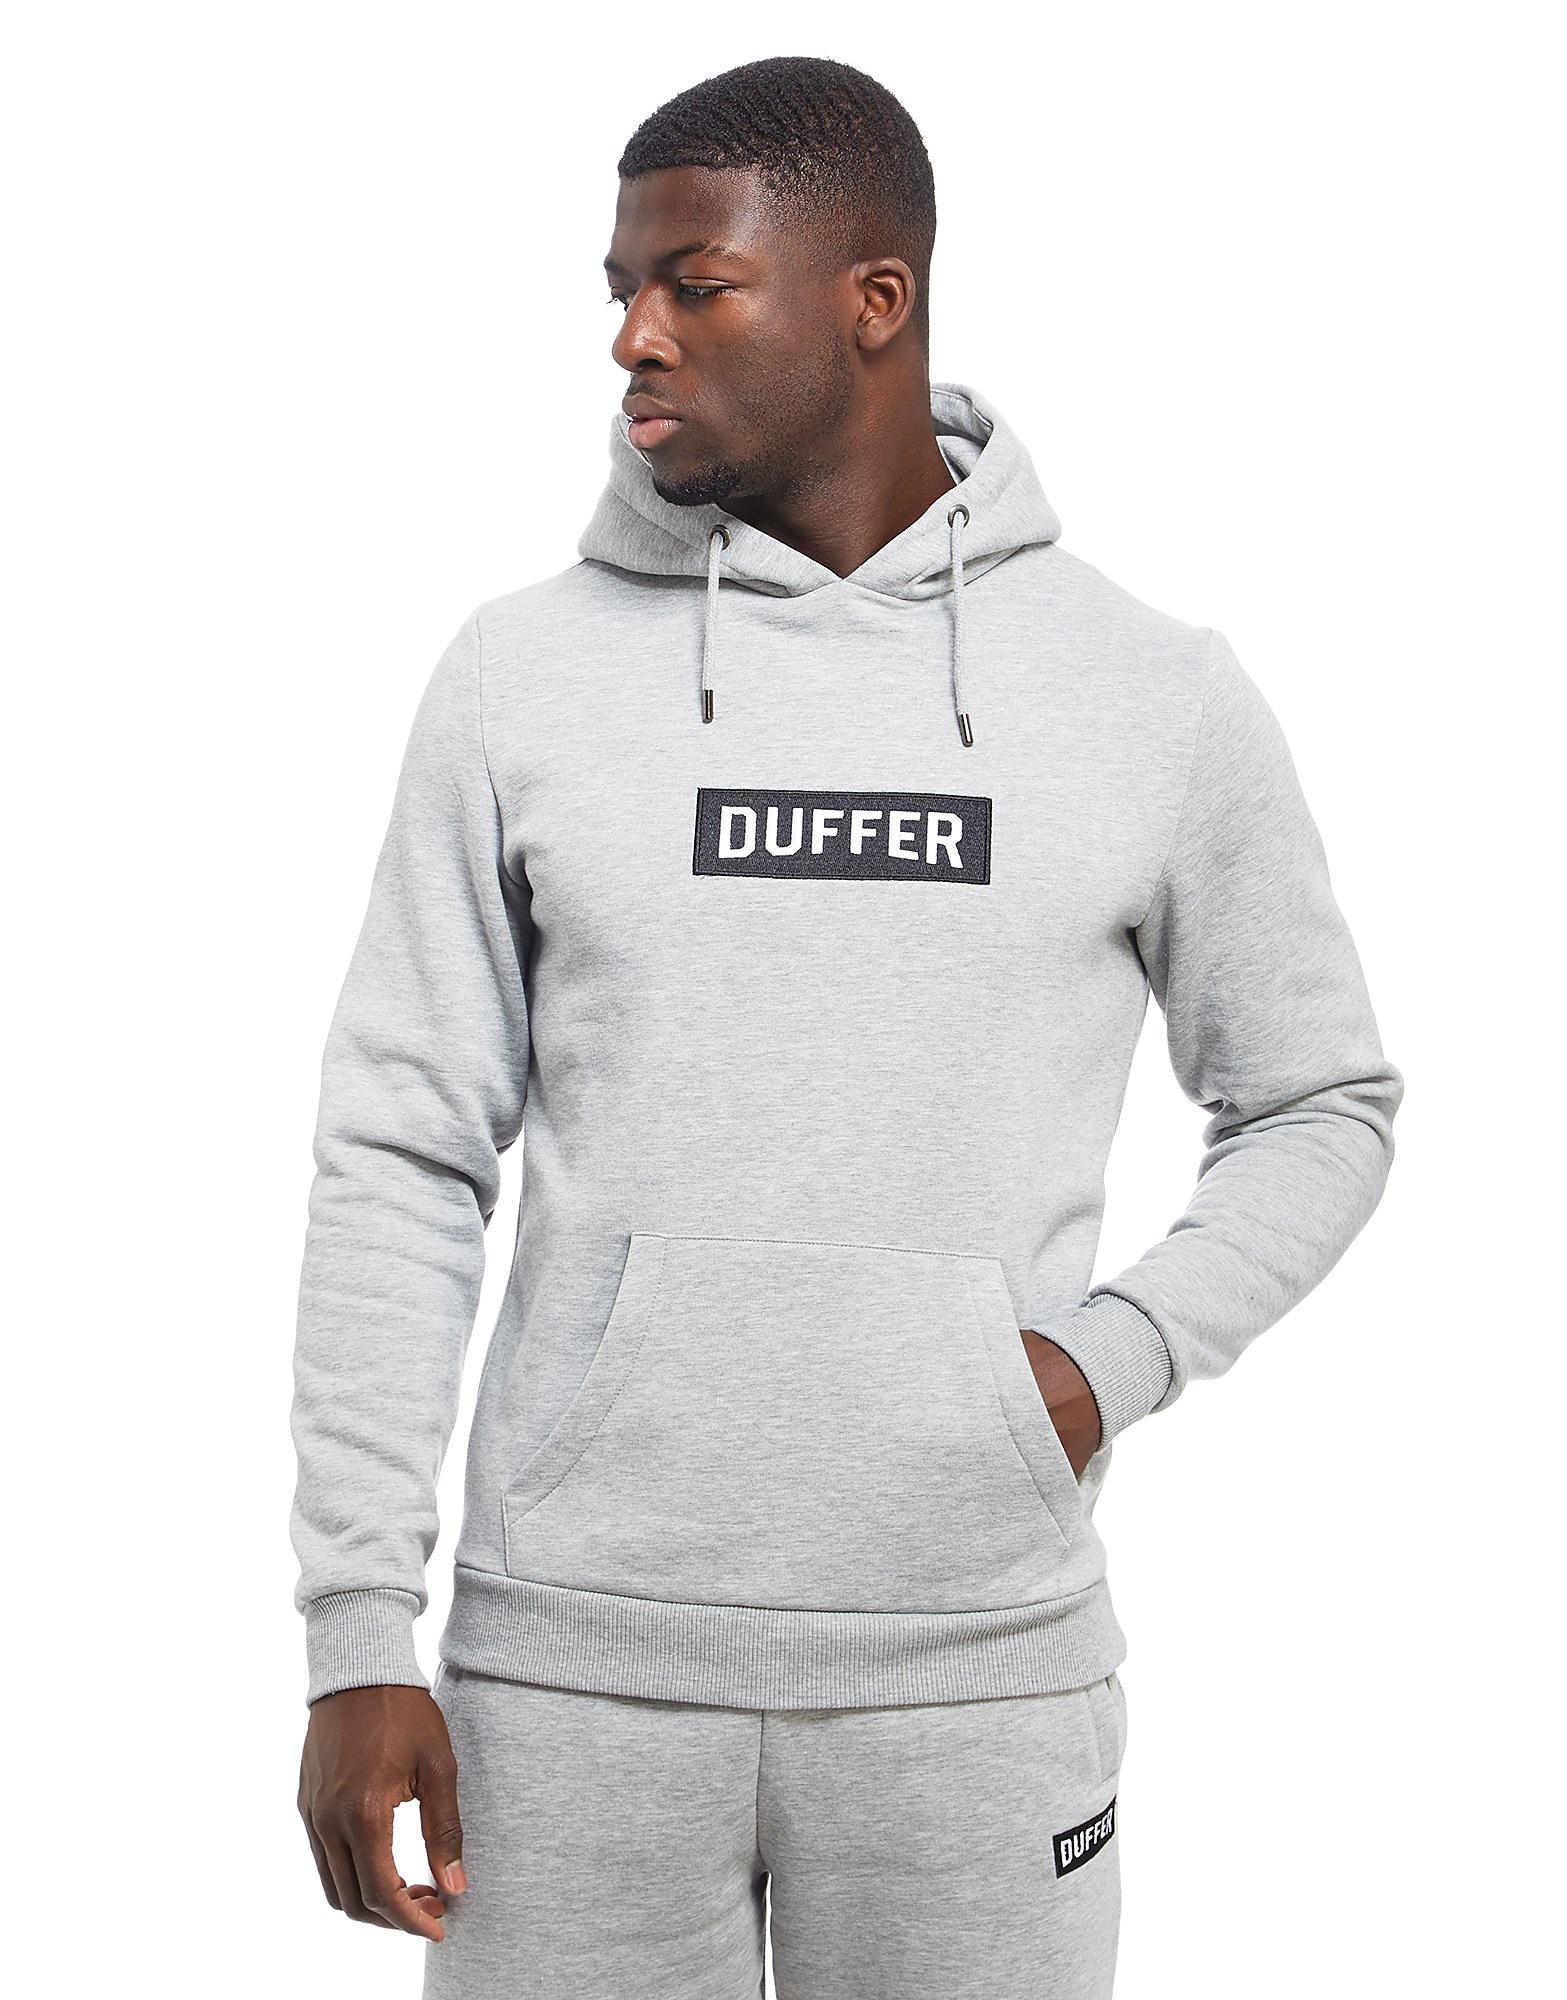 Duffer of St George Dewport Hoodie